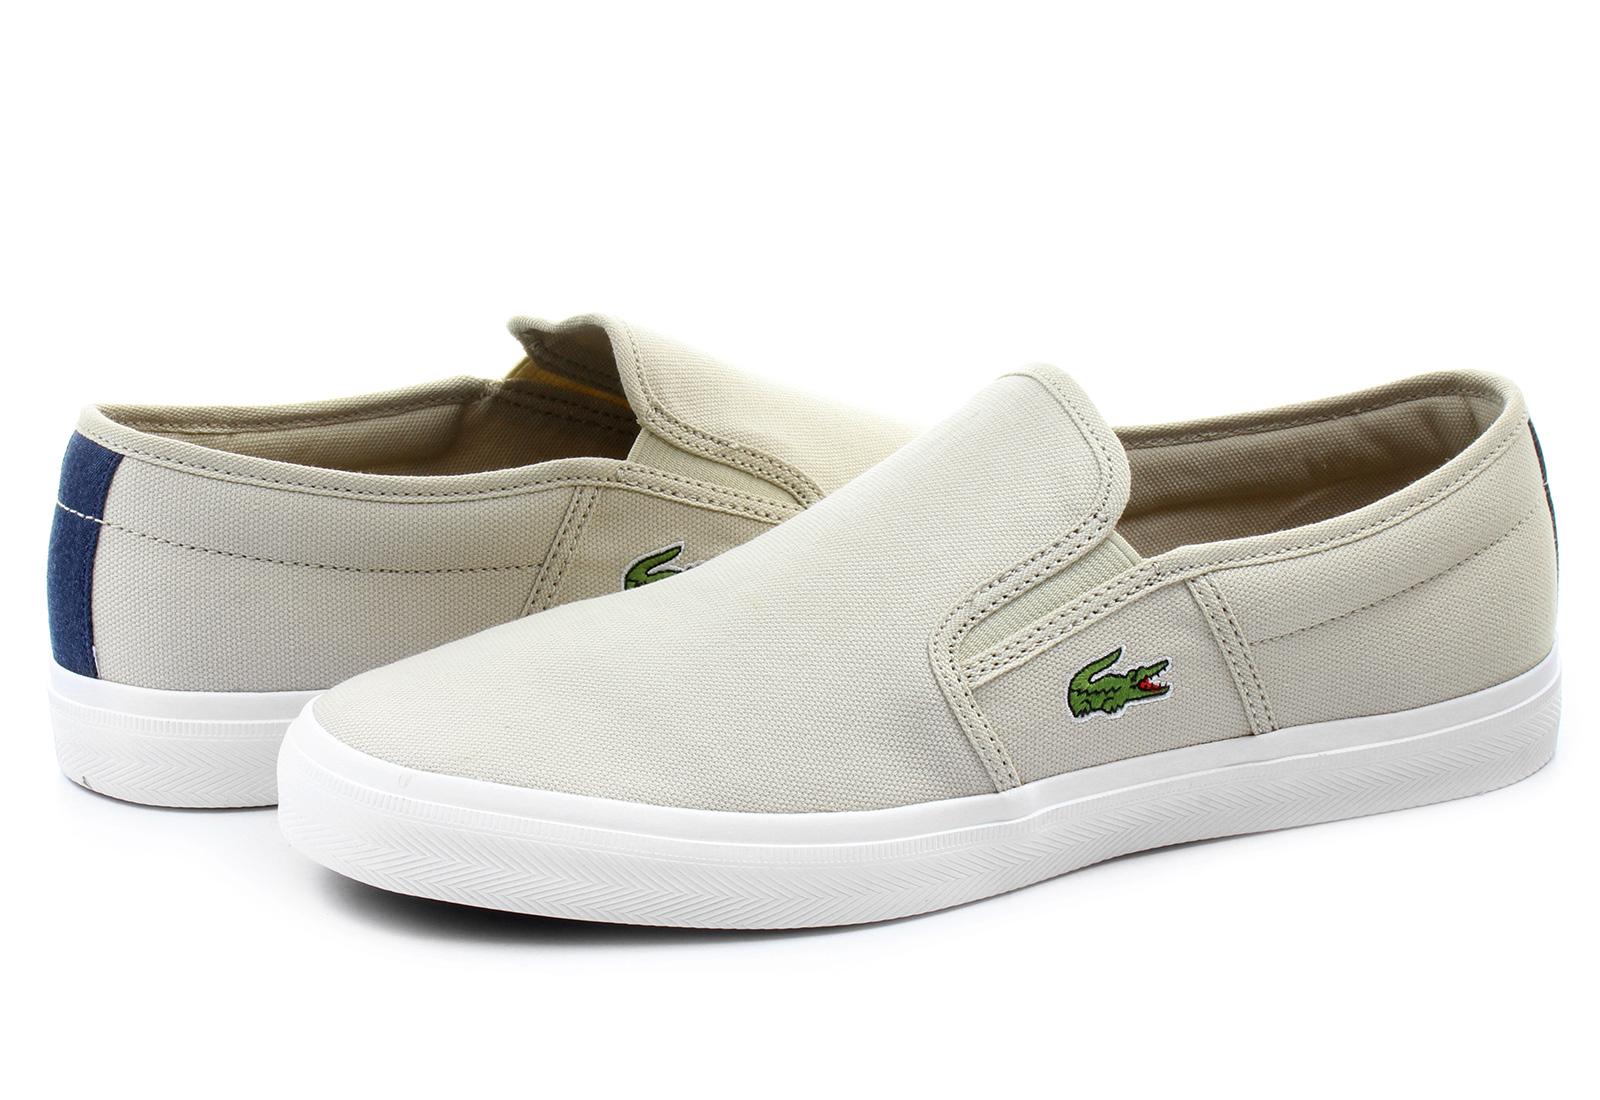 lacoste shoes gazon sport 151spm0022 nn1 shop